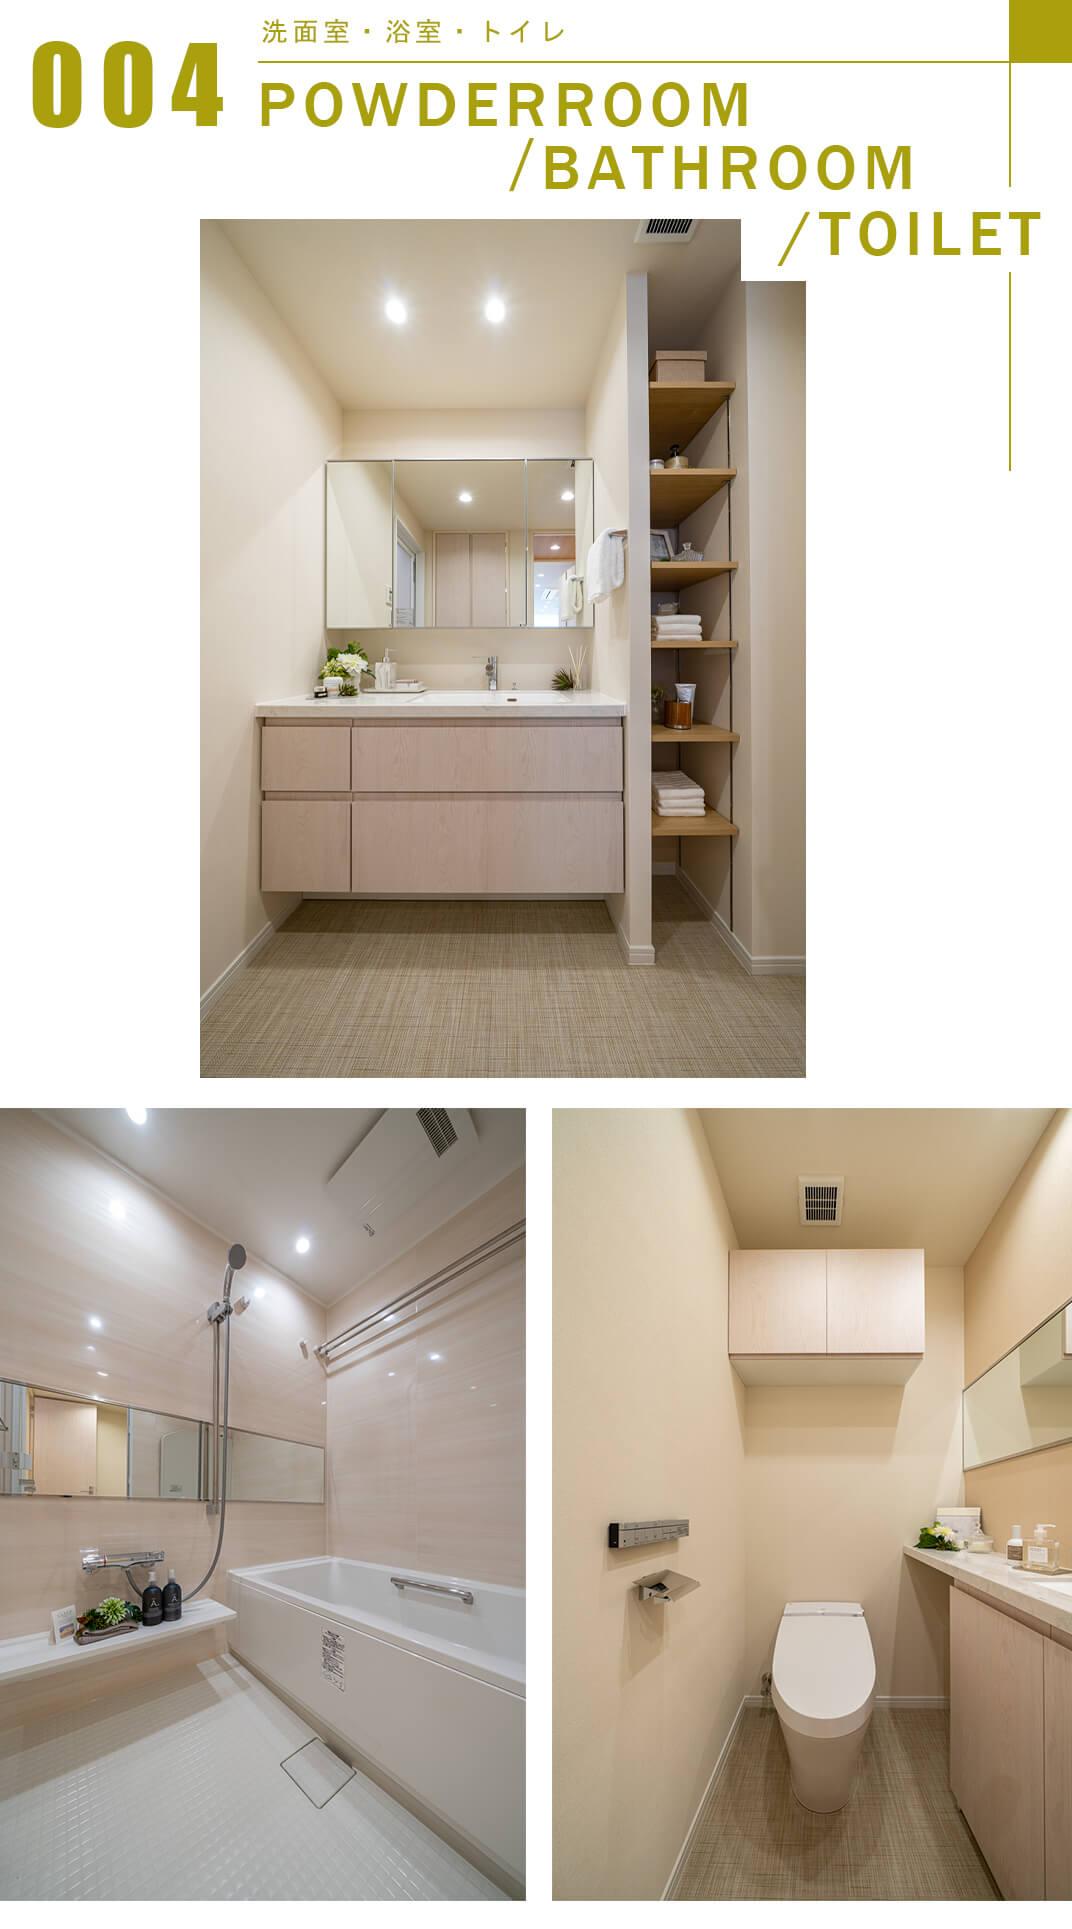 シティタワー麻布十番の洗面室と浴室とトイレ